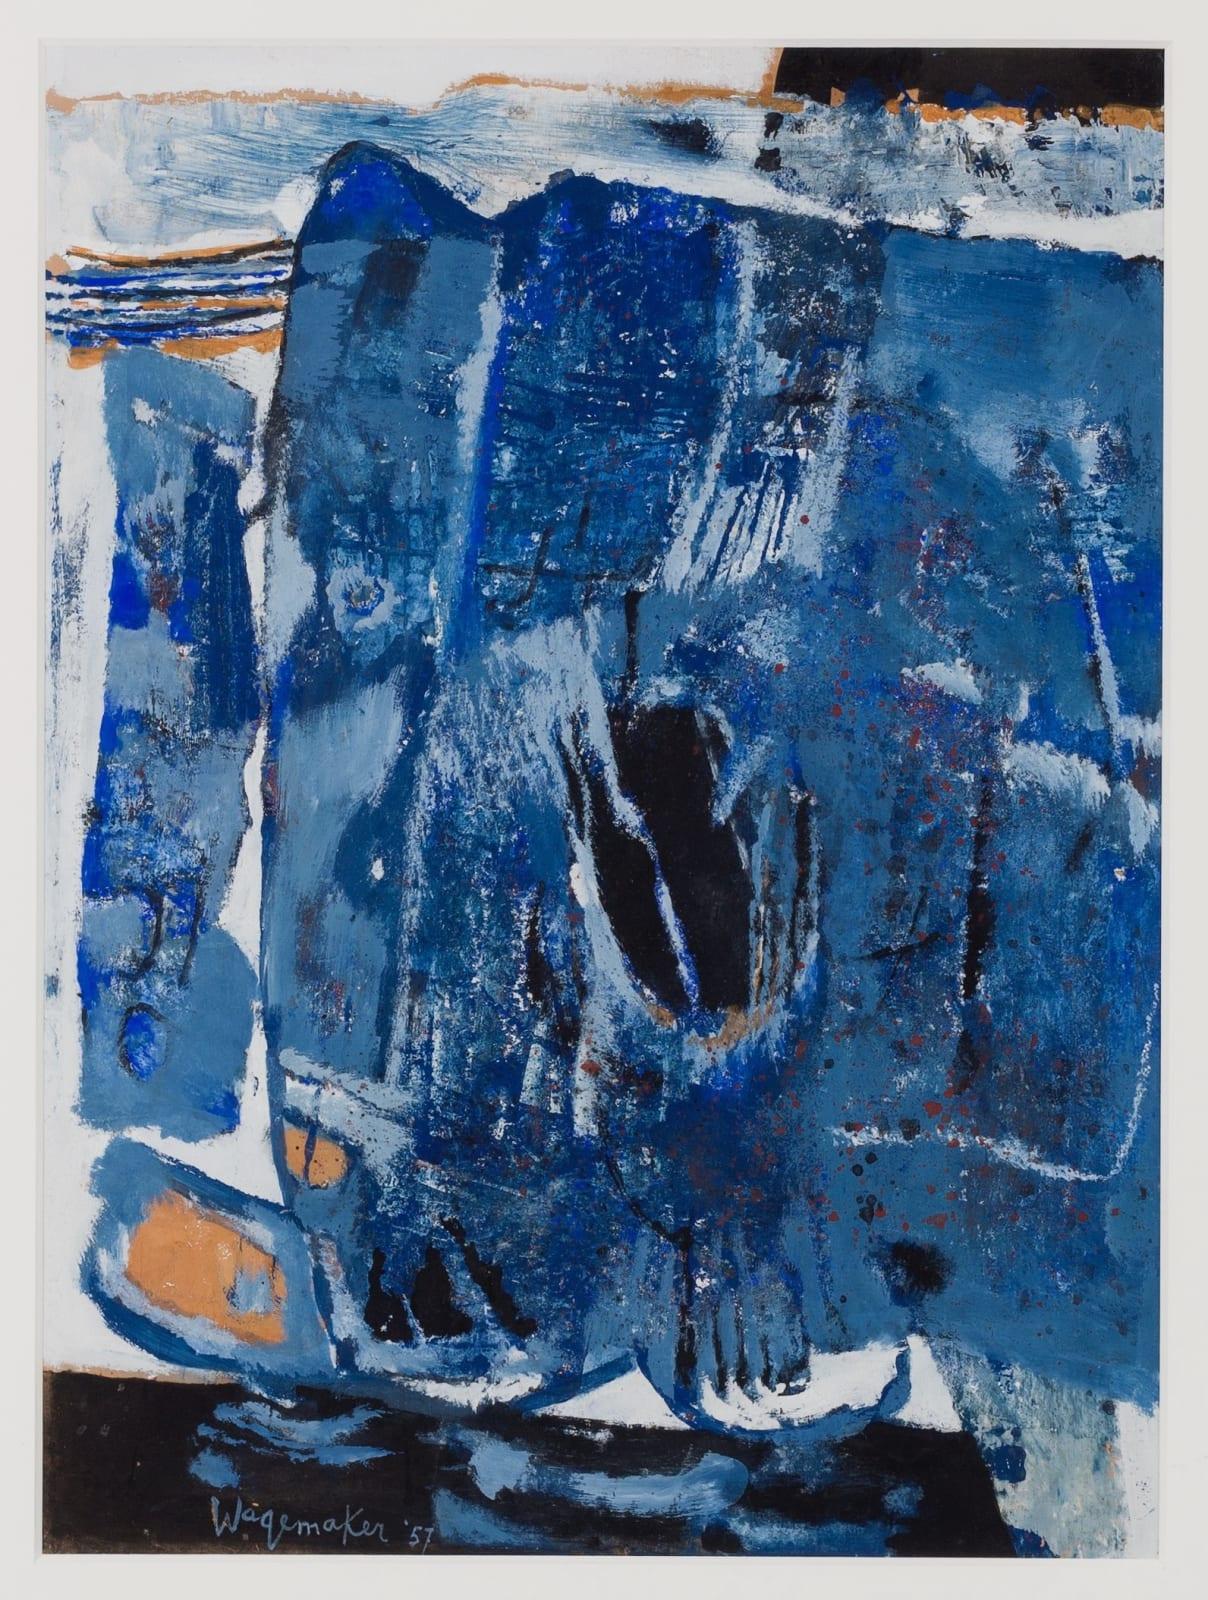 JAAP WAGEMAKER, Compositie in blauw, 1957